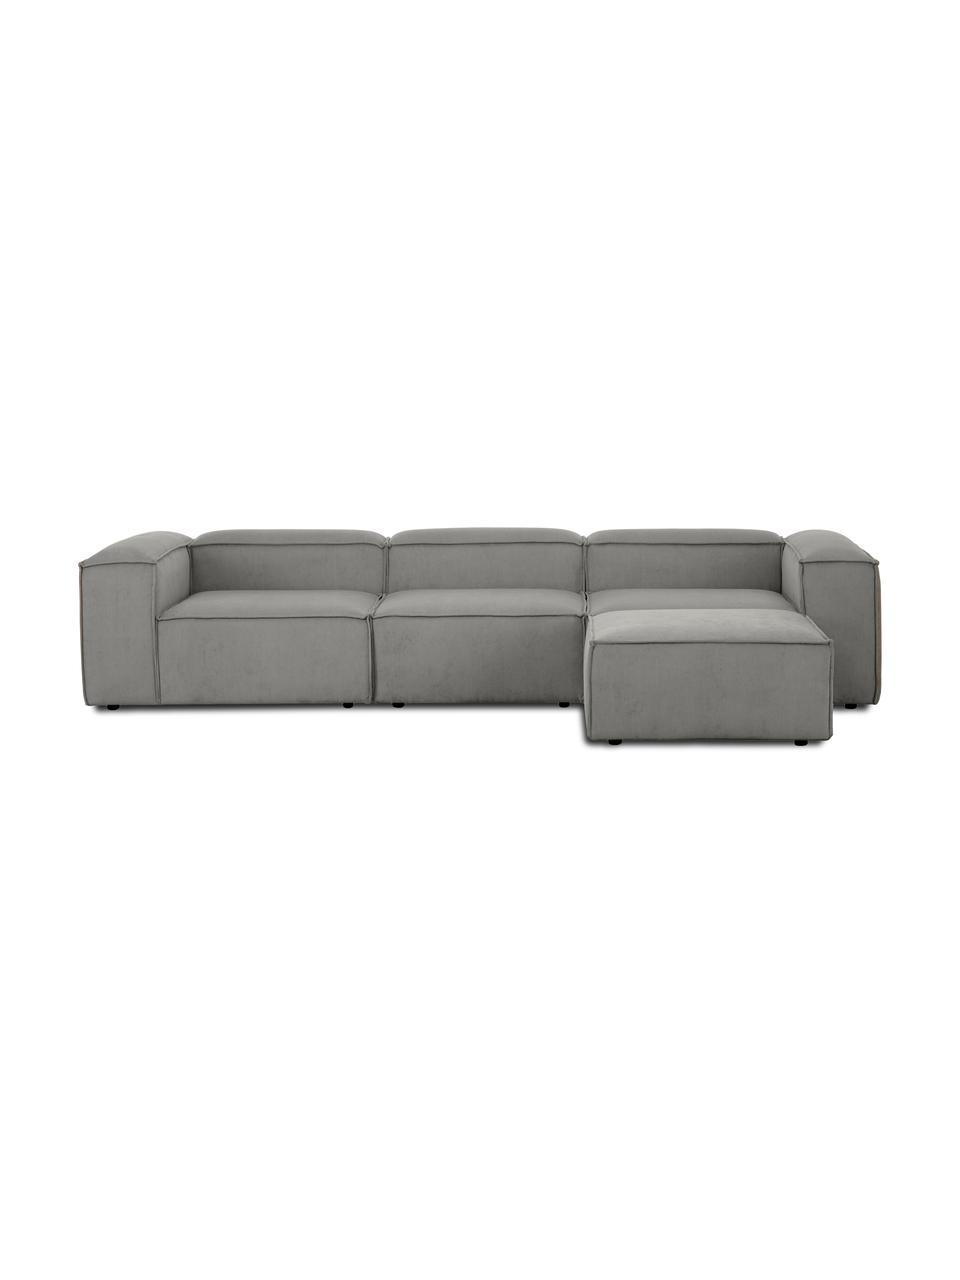 Narożna sofa modułowa ze sztruksu z pufem Lennon (4-osobowa), Tapicerka: sztruks (92% poliester, 8, Stelaż: lite drewno sosnowe, skle, Nogi: tworzywo sztuczne Nogi zn, Sztruksowy szary, S 327 x G 207 cm